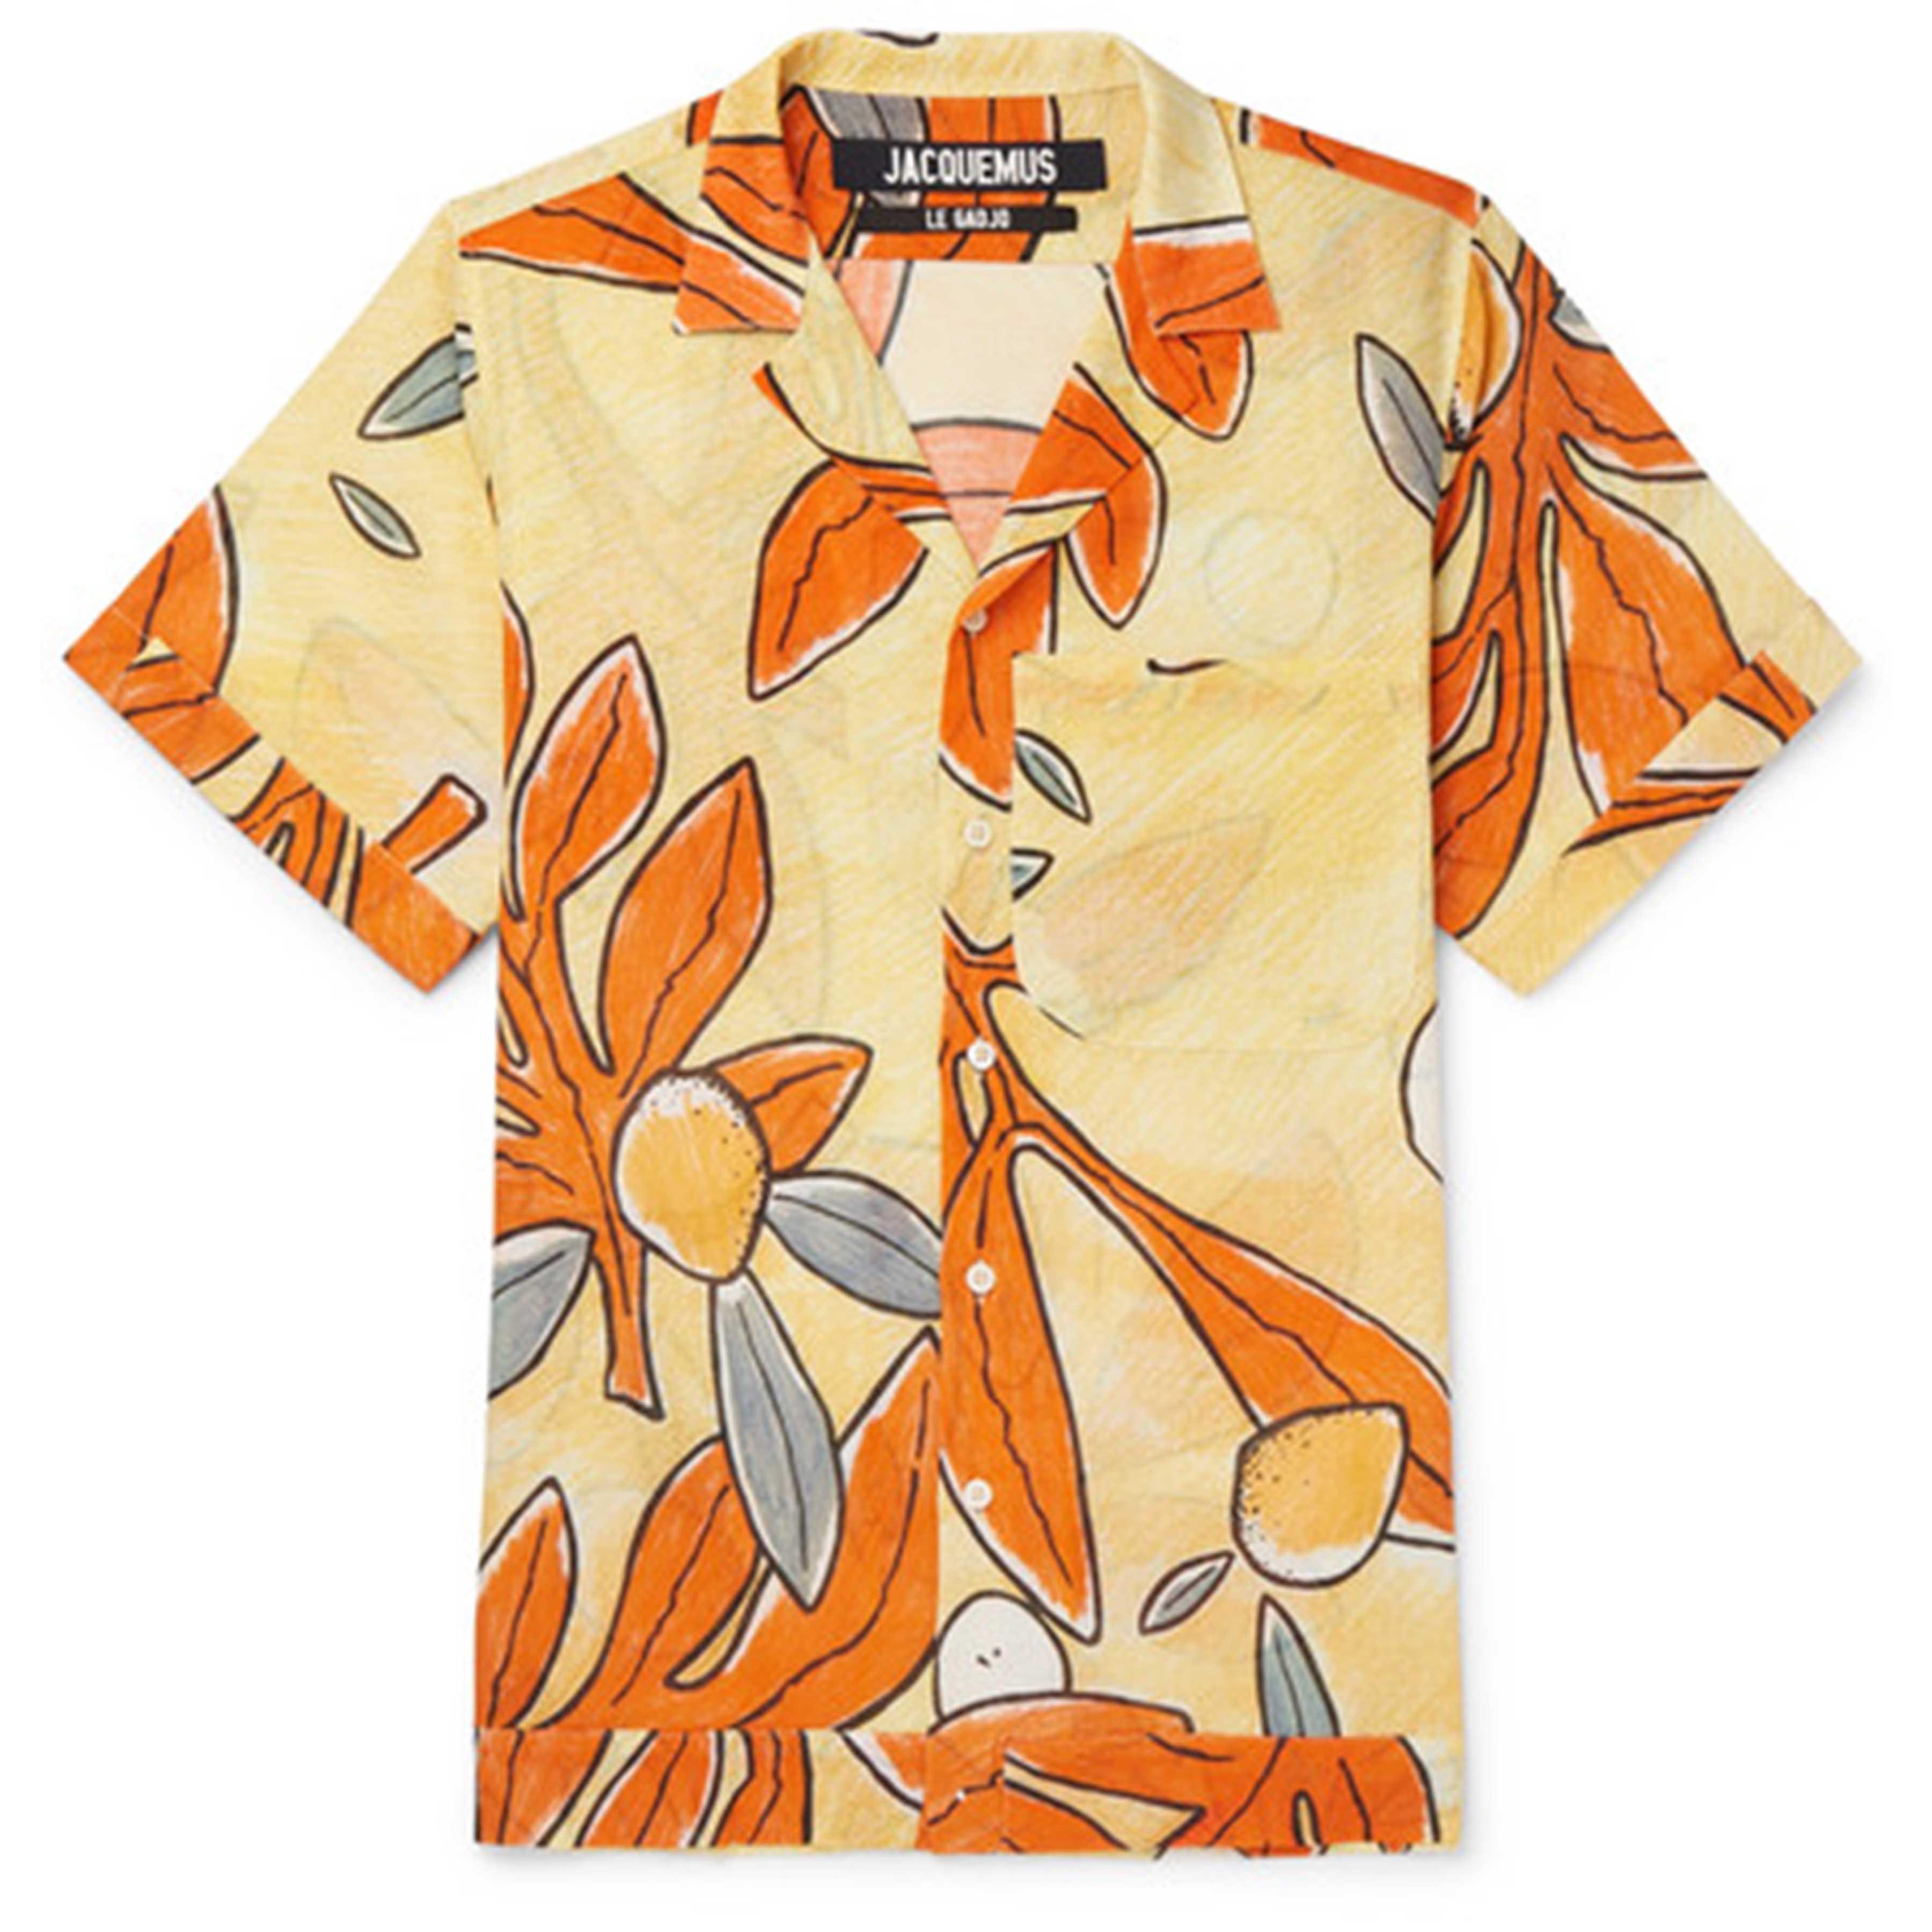 SS19 Printed Shirts: Jacquemus